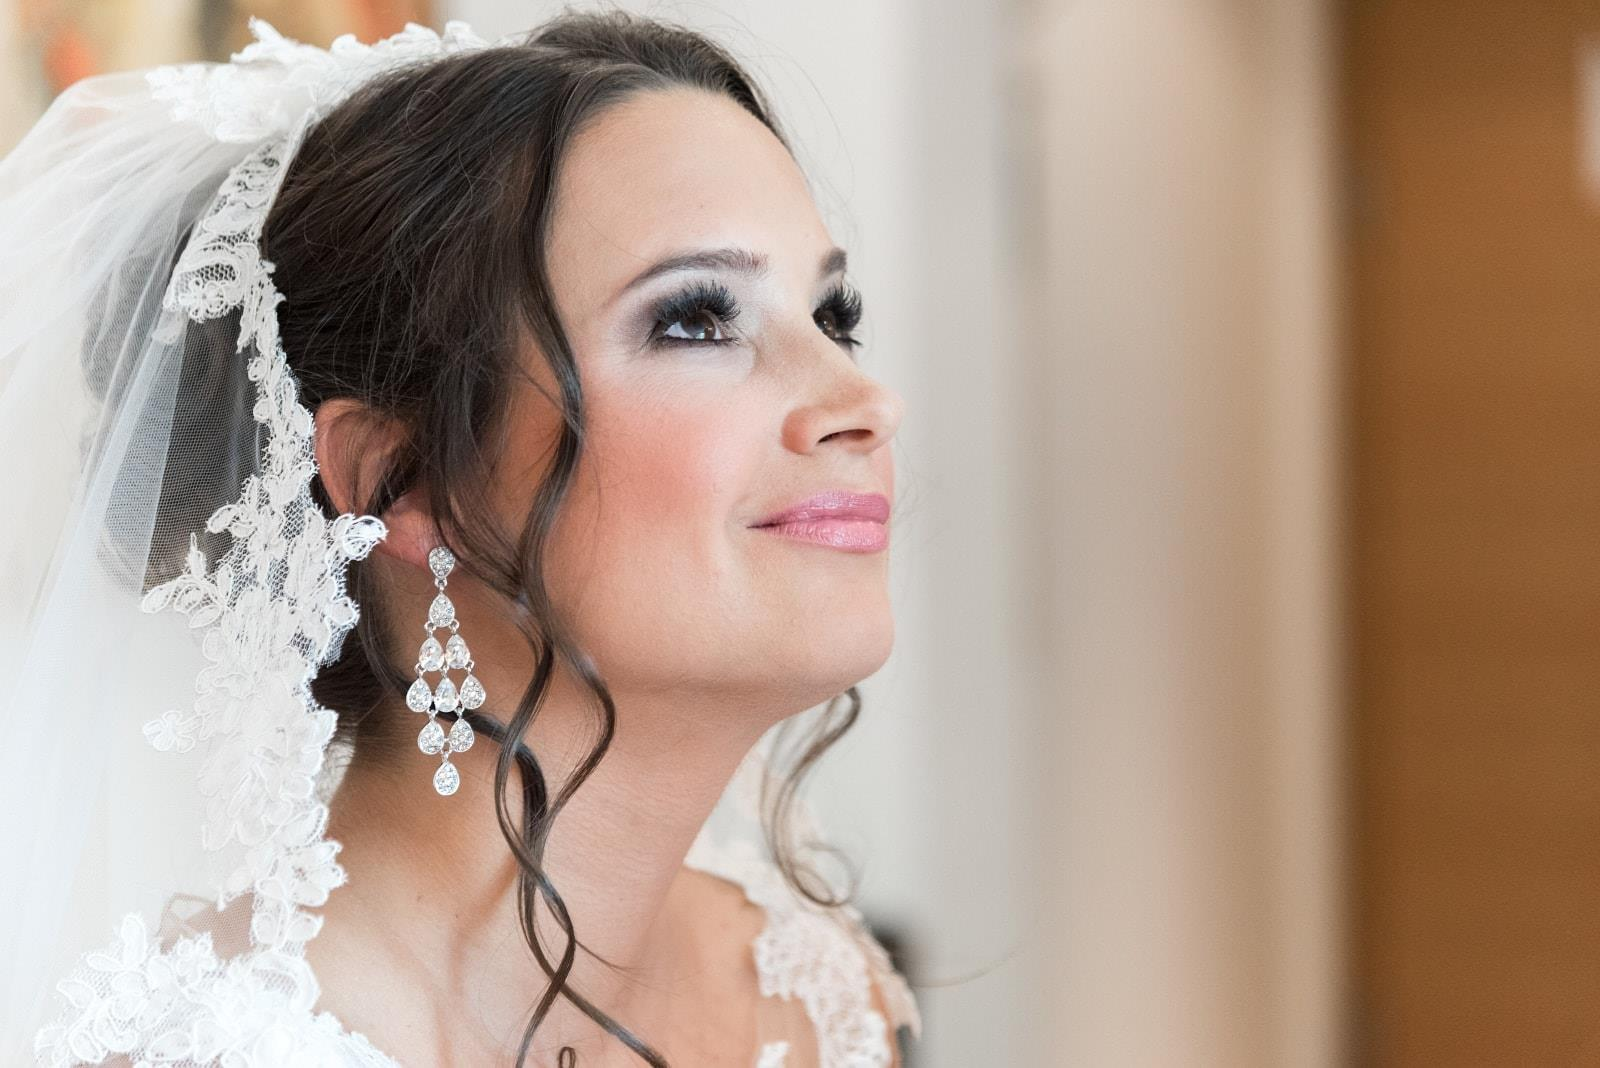 Hochzeits Make up und Hairstyling gemacht von Make up Artist Angie